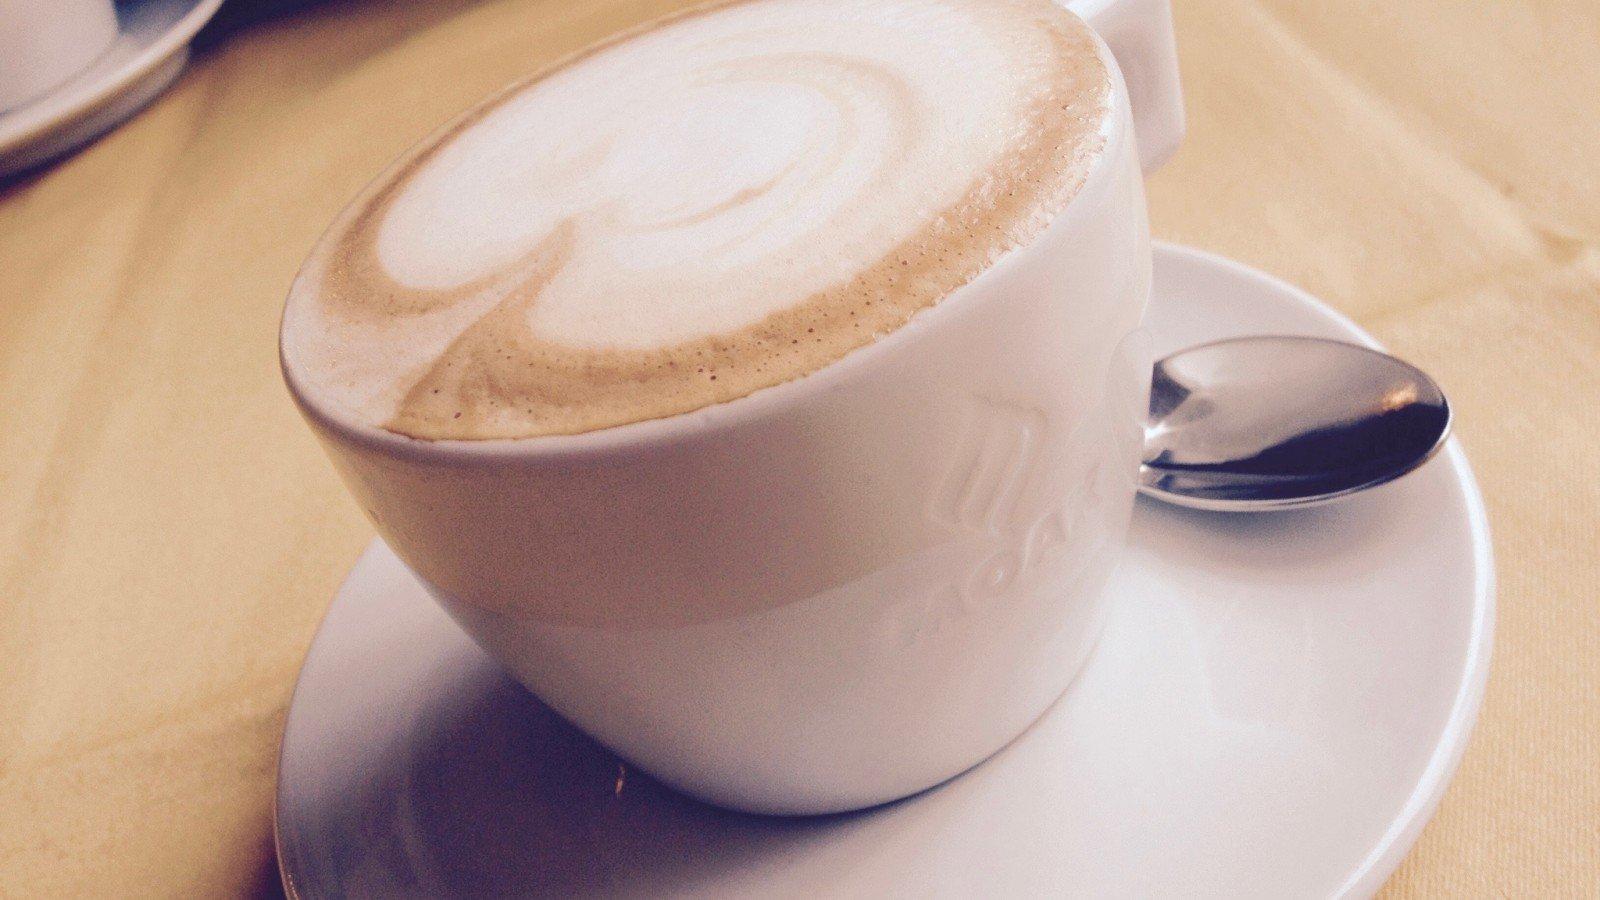 Estar casado mucho tiempo es un poco como ese café rico de todas las mañanas: puede que lo tome todos los días, pero lo disfruto igualmente